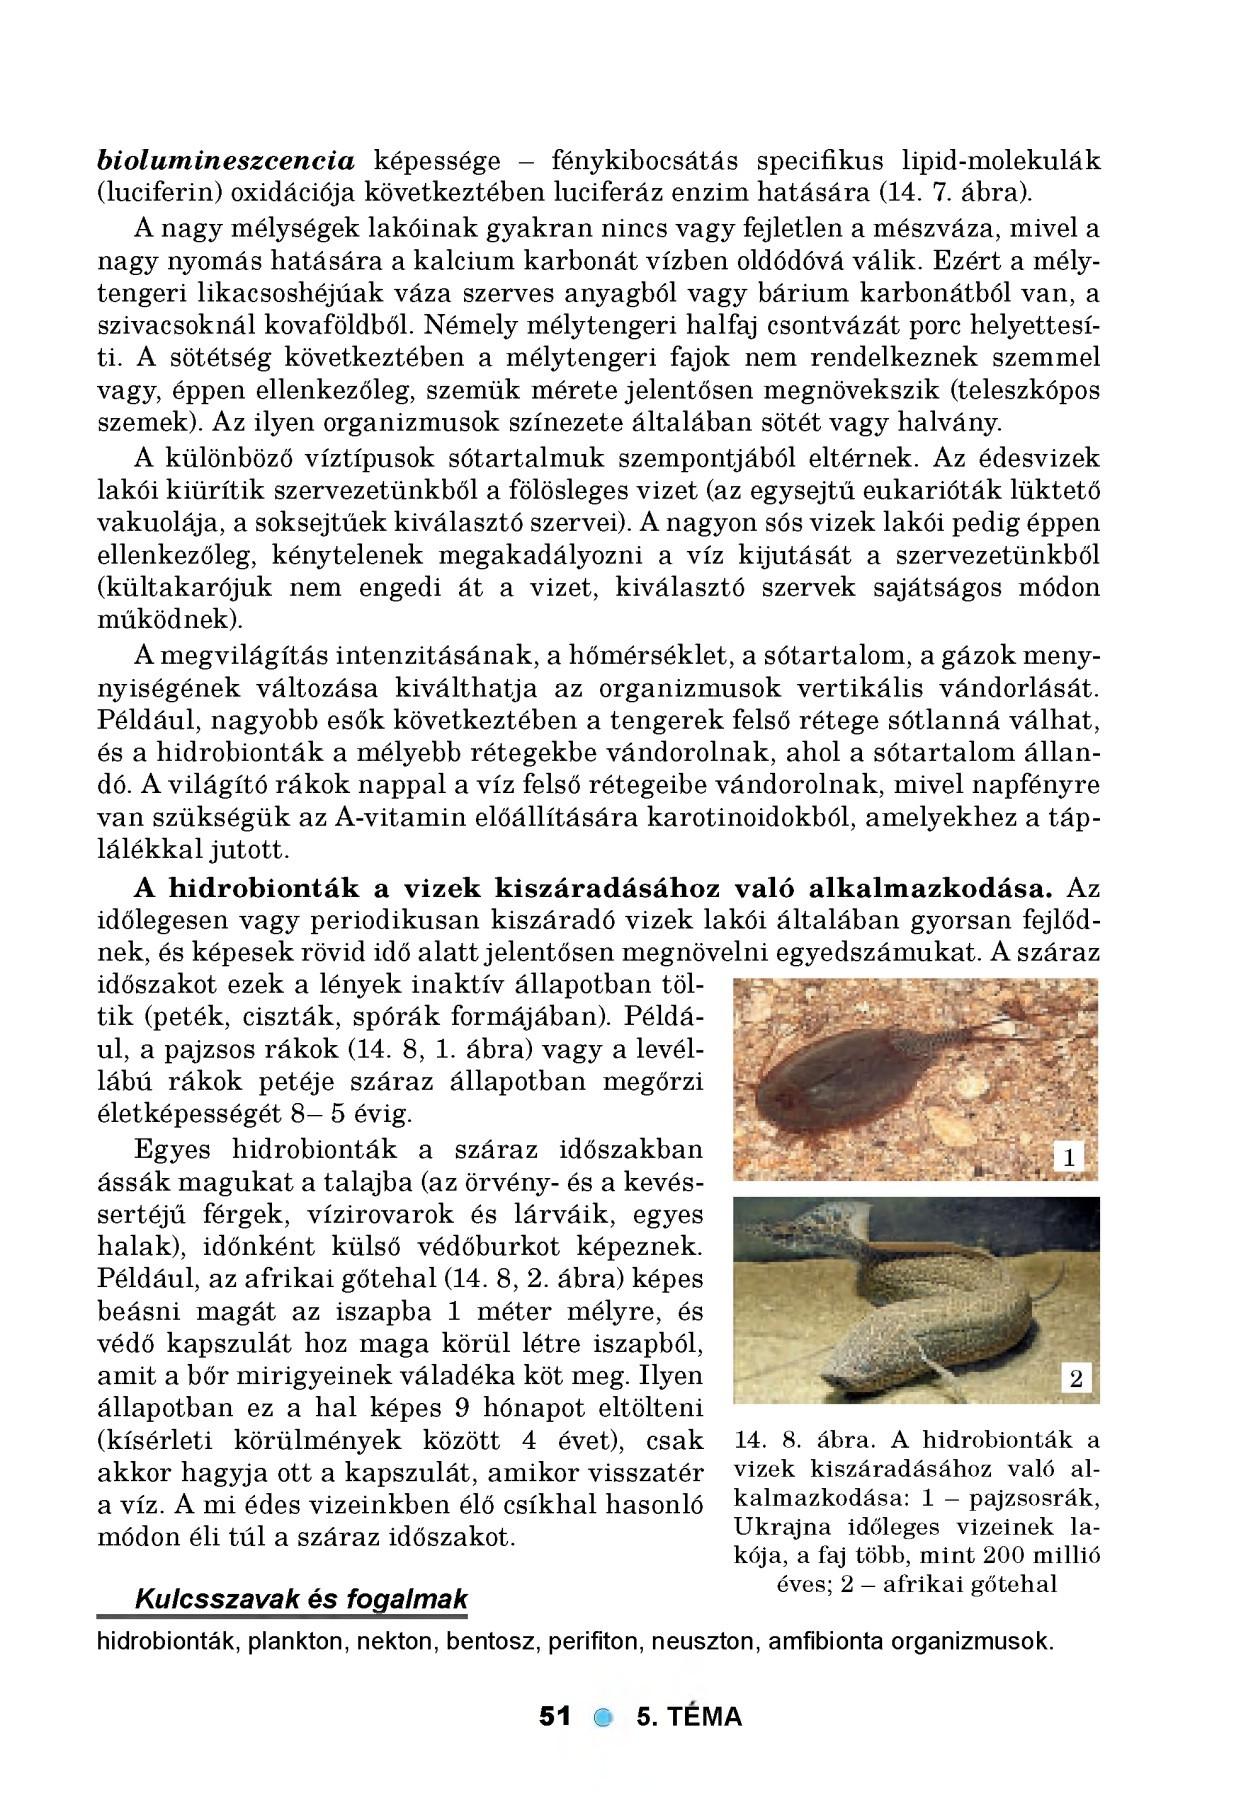 Sebők Zoltán: Parazita kultúra